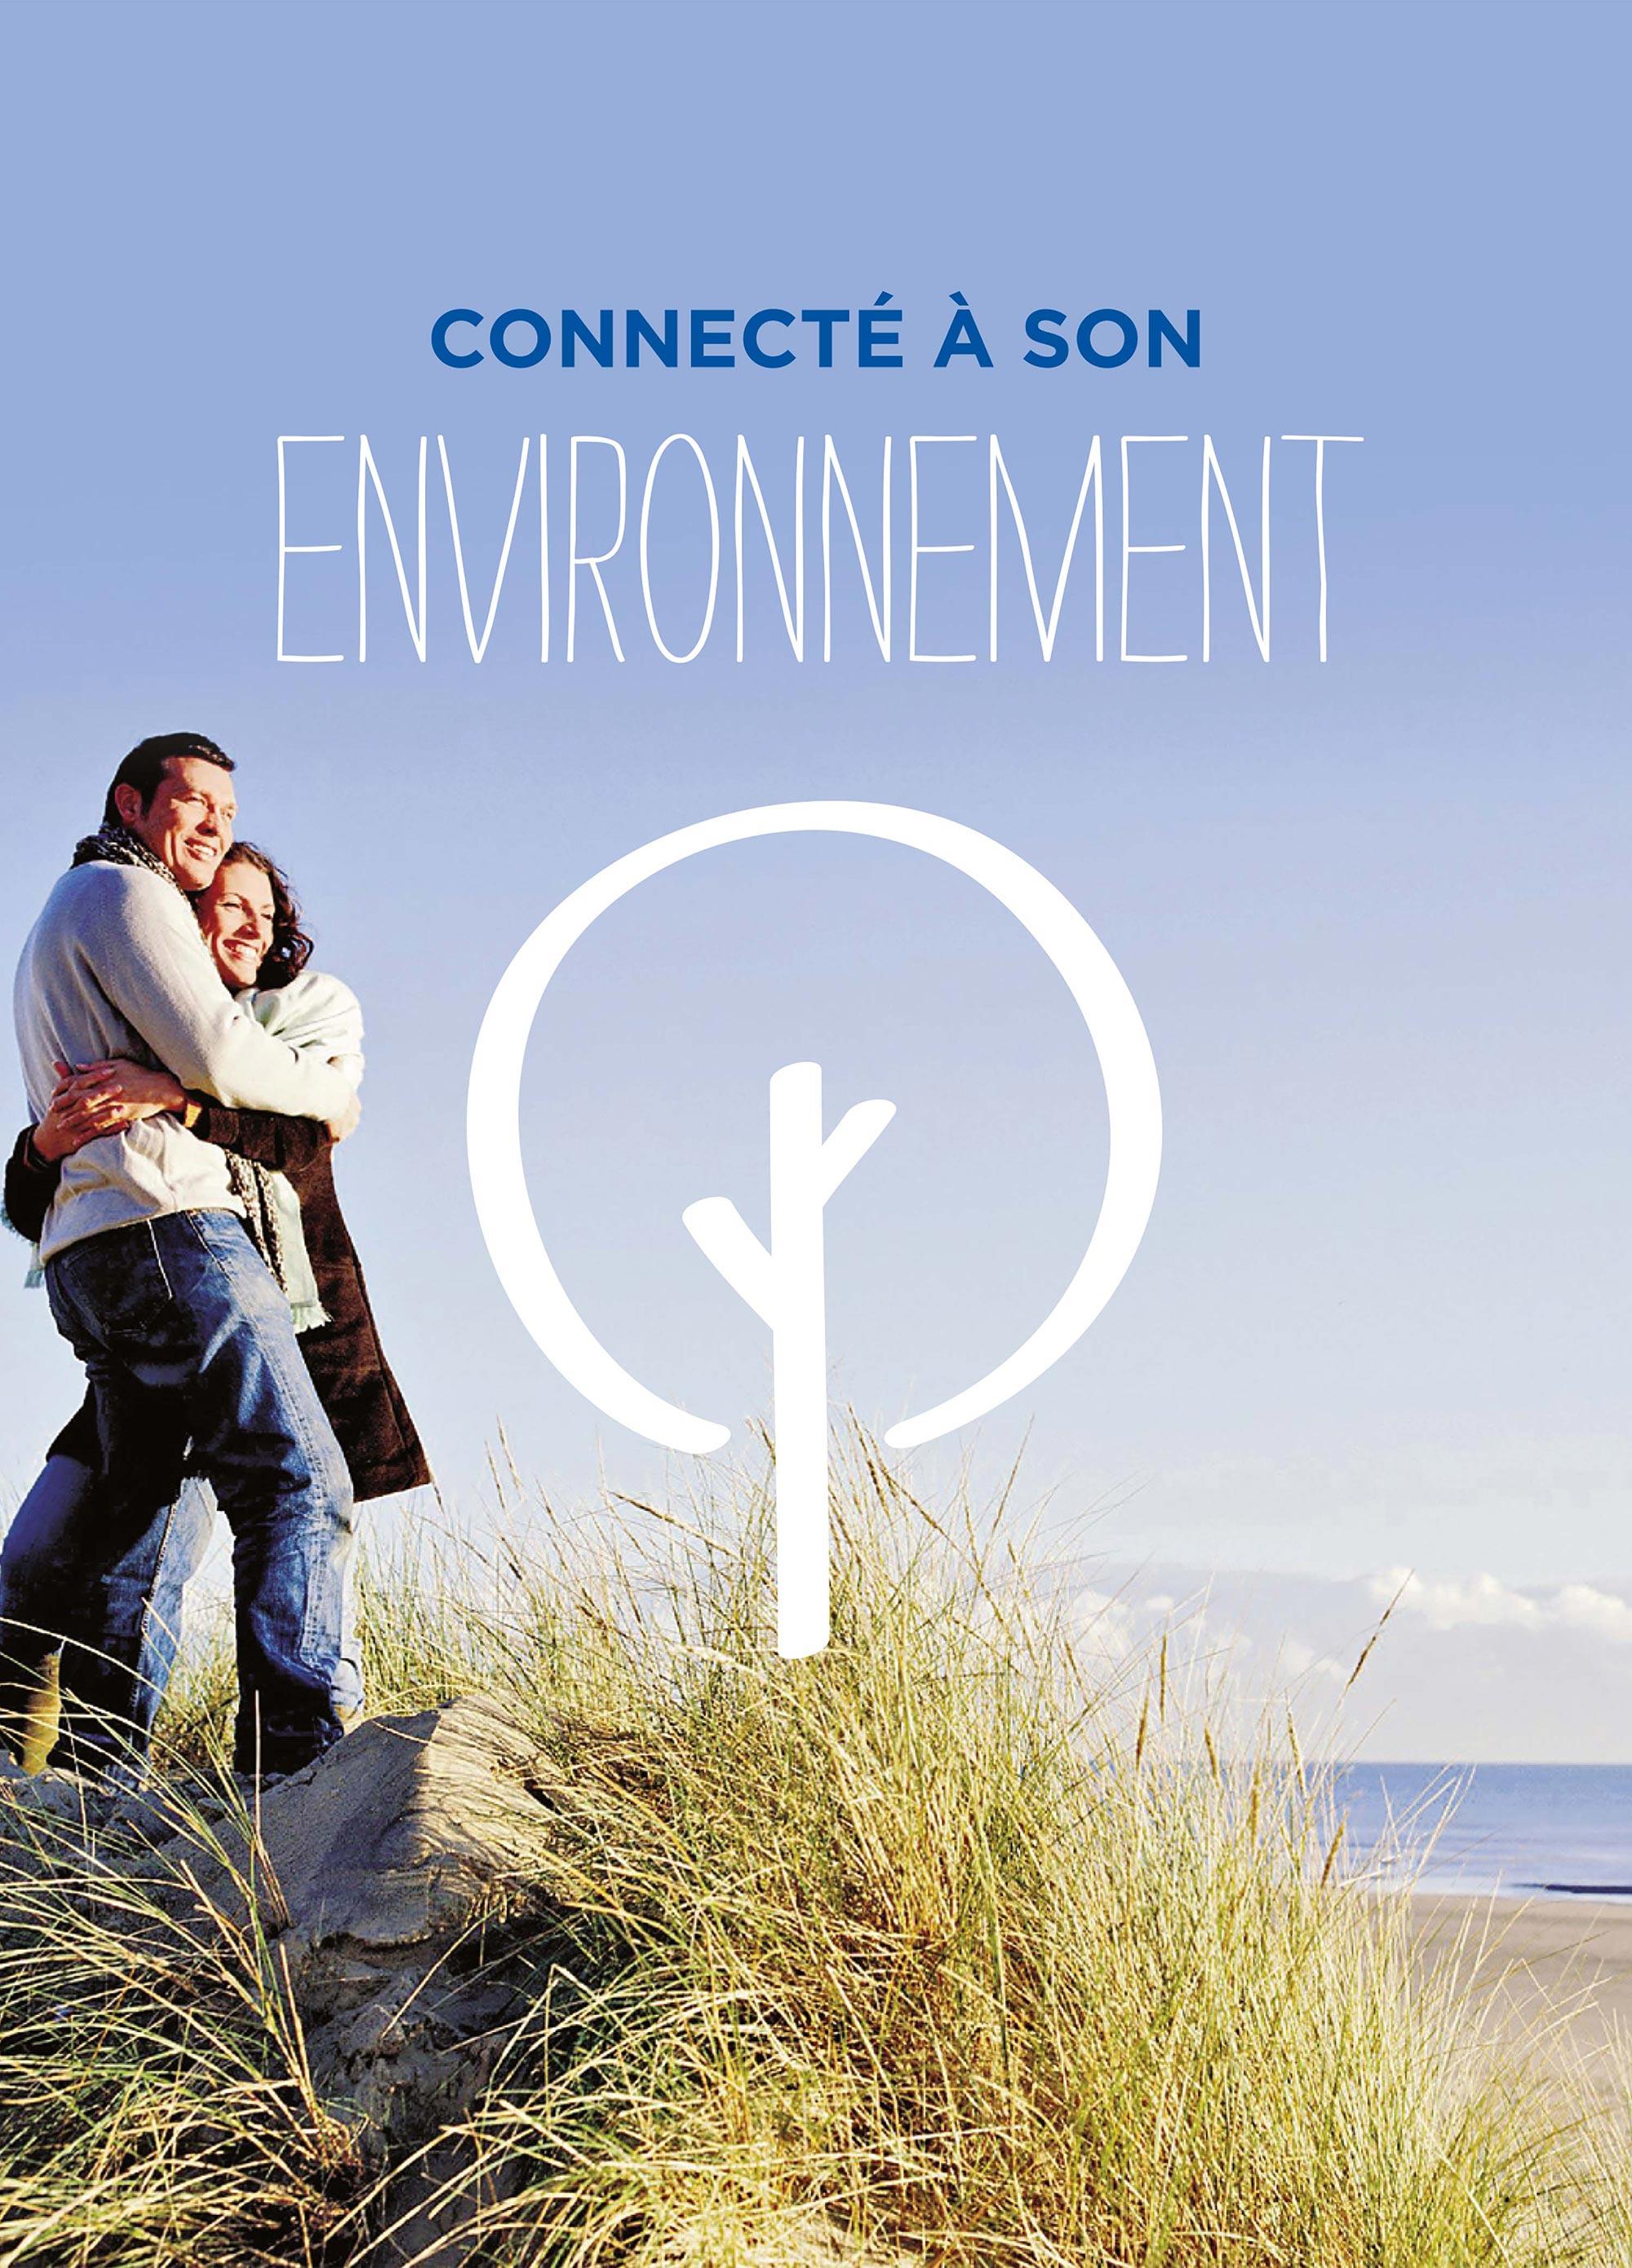 Pierre et Vacances - rapport annuel - environnement